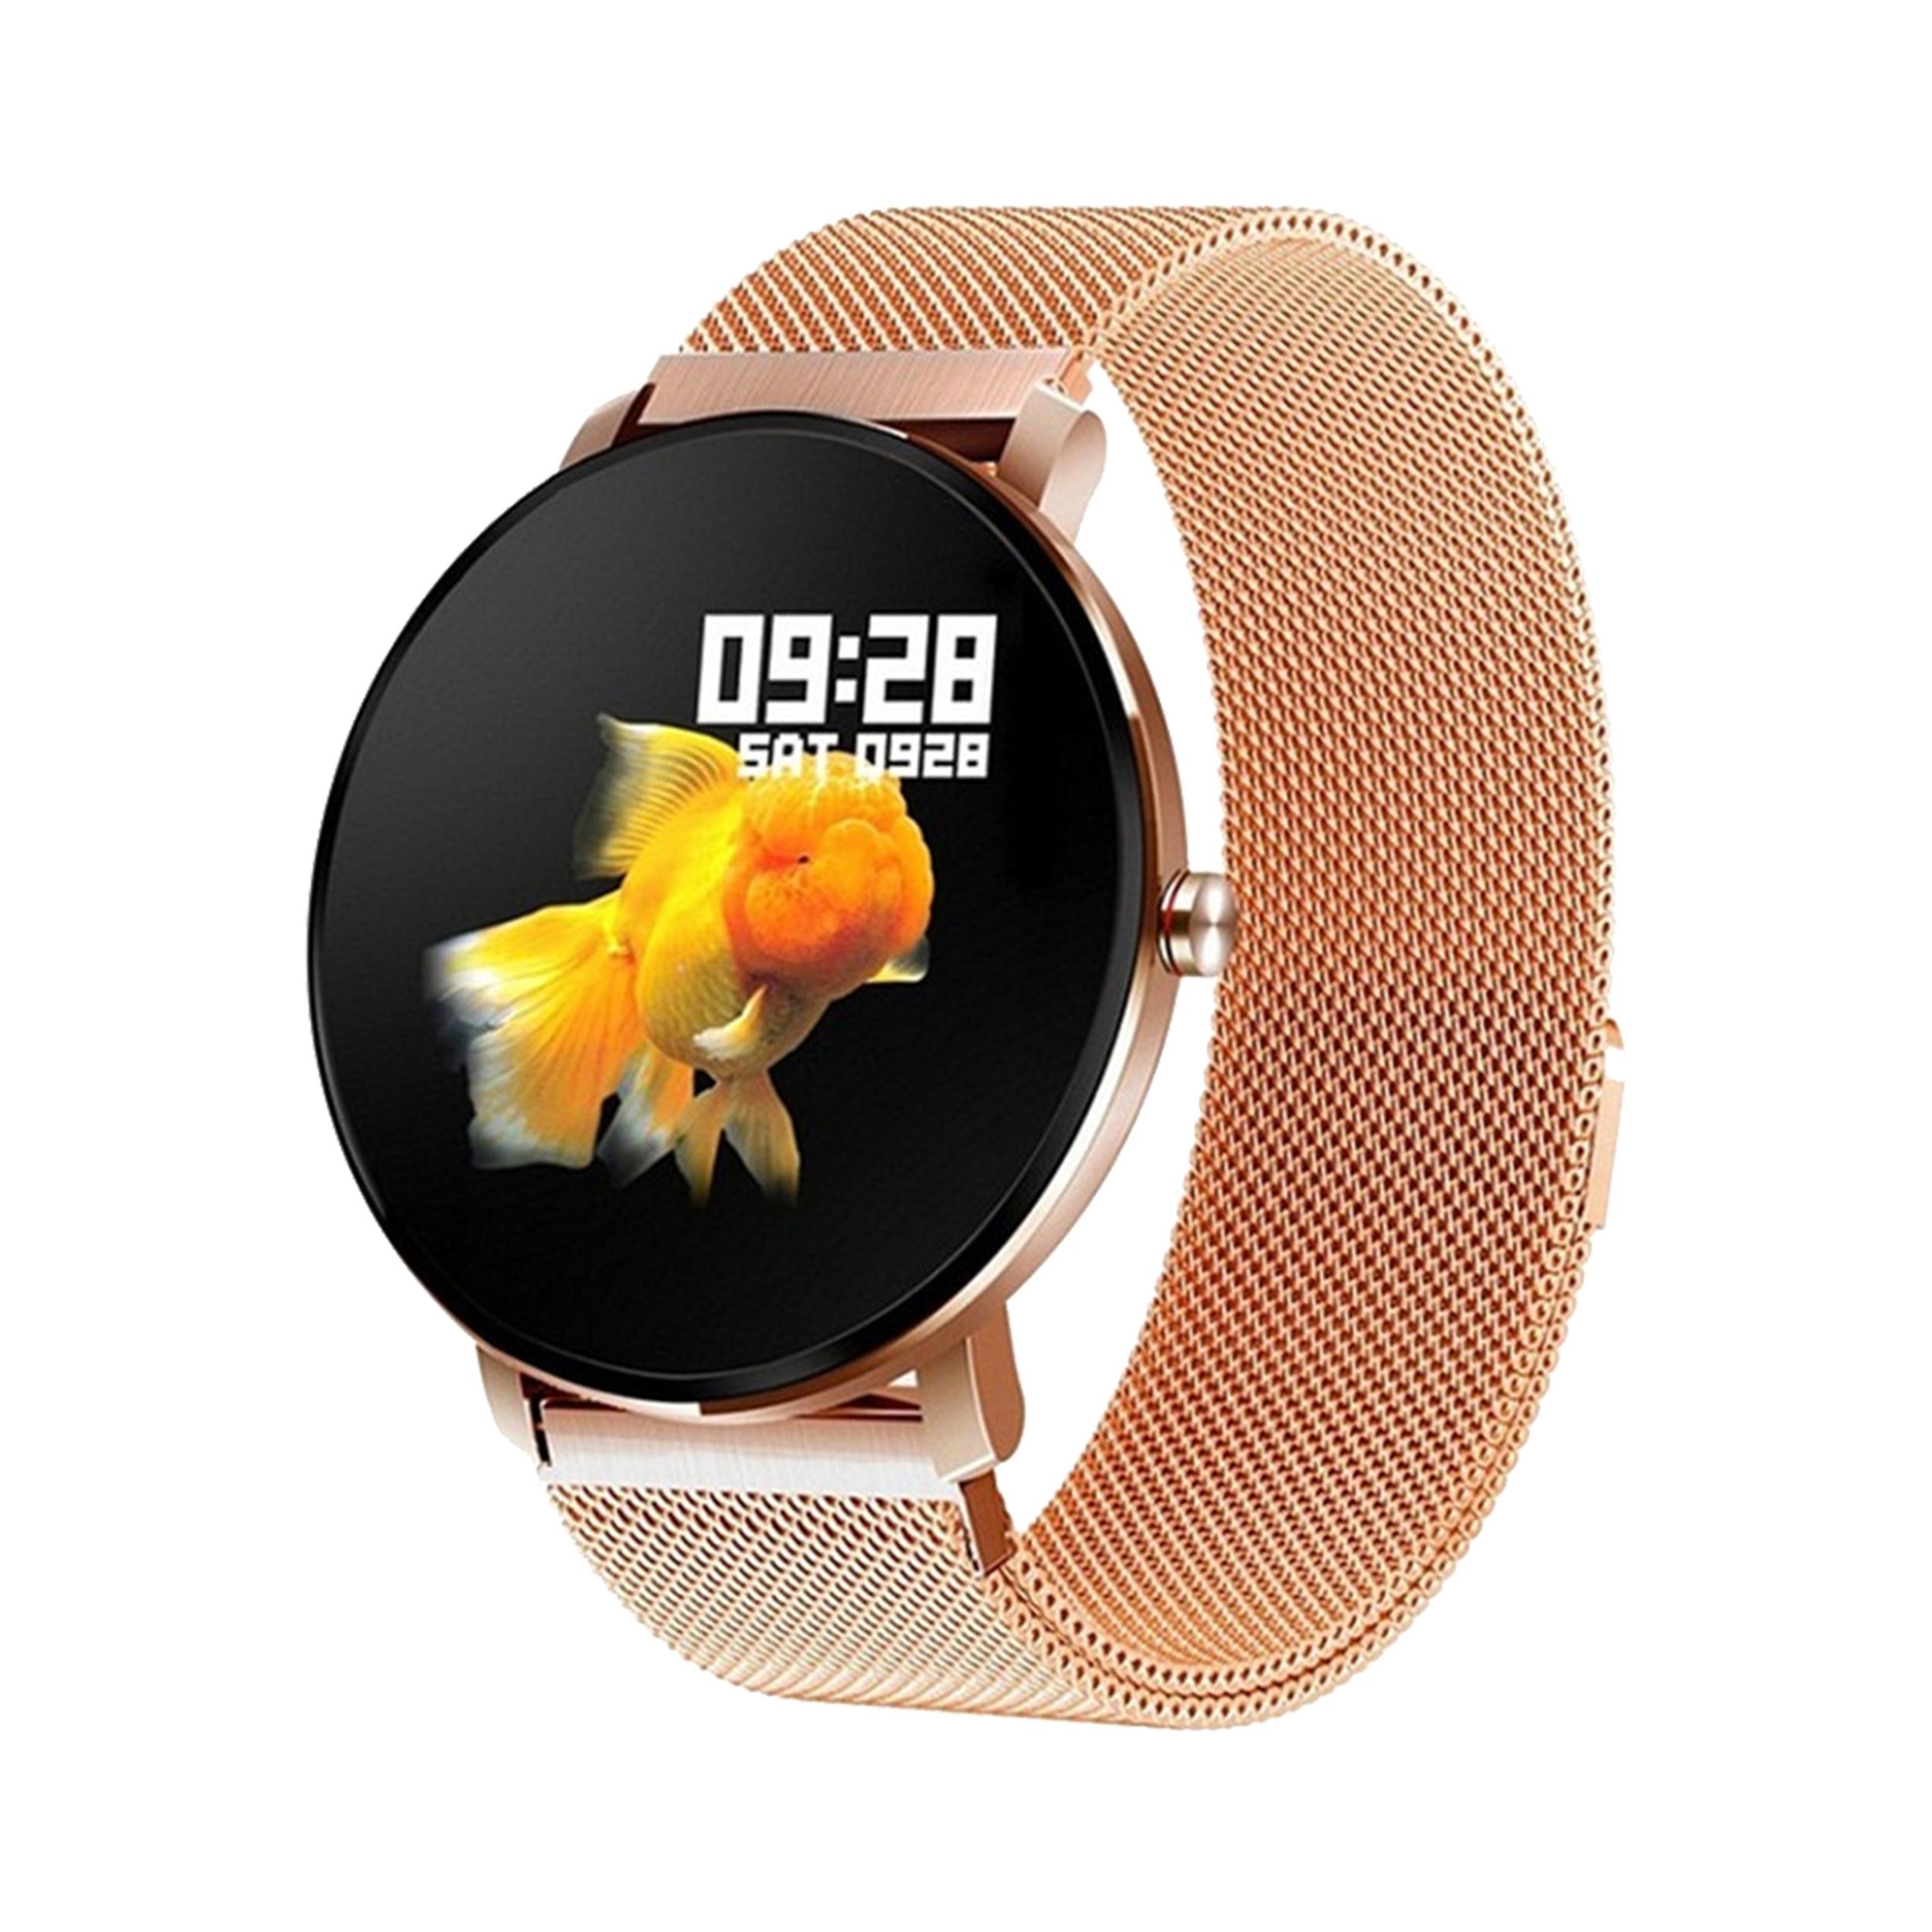 Купить Женские Наручные Часы Smartwatch Smartband Fit Шагомер на Otpravka - цены и фото - доставка из Польши и стран Европы в Украину.